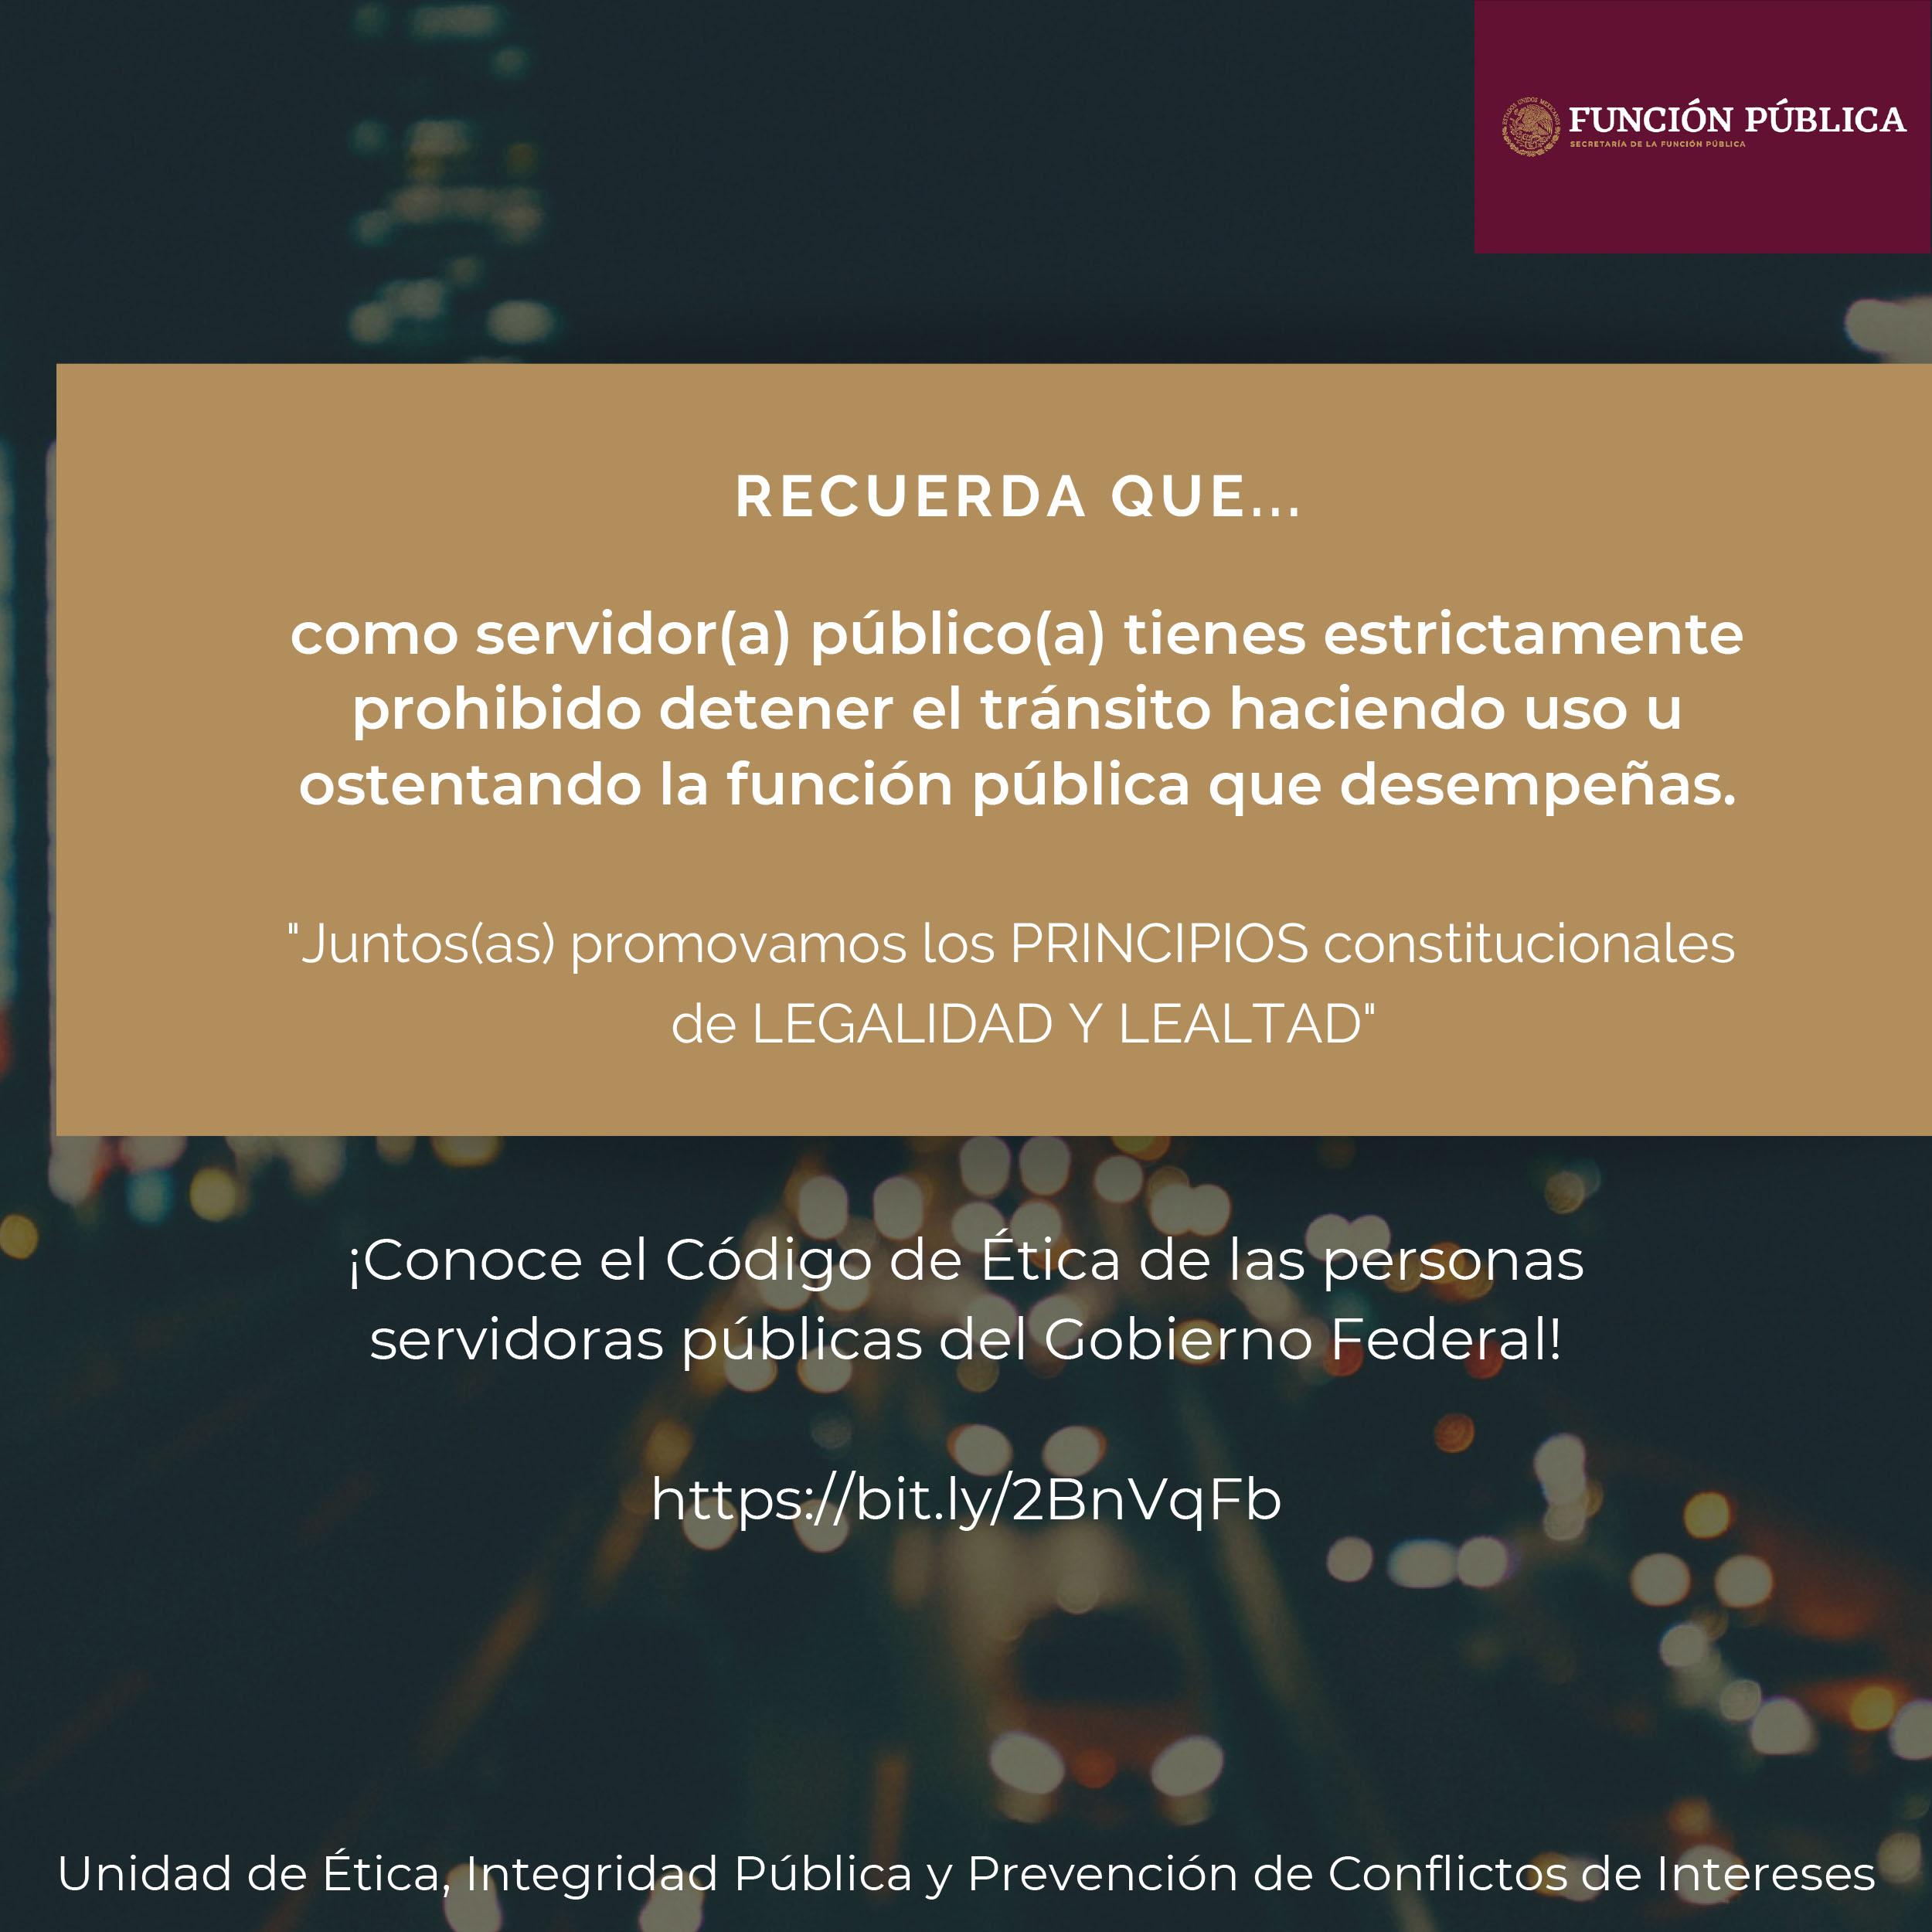 /cms/uploads/image/file/505977/Lealtad_y_legalidad.jpg